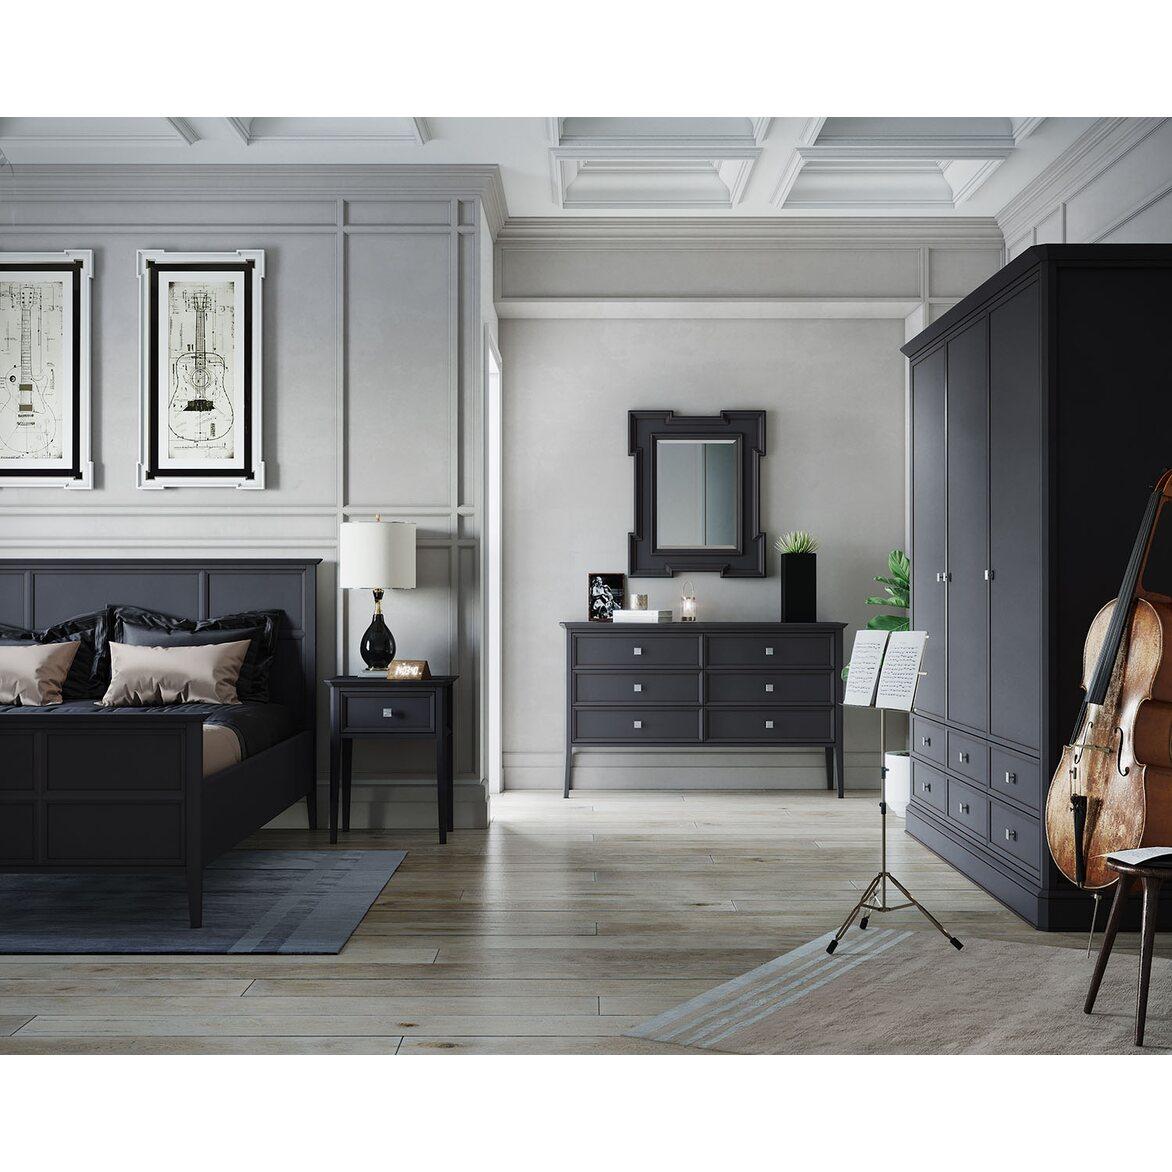 Шкаф трехстворчатый с ящиками Ellington, черный 4 | Платяные шкафы Kingsby